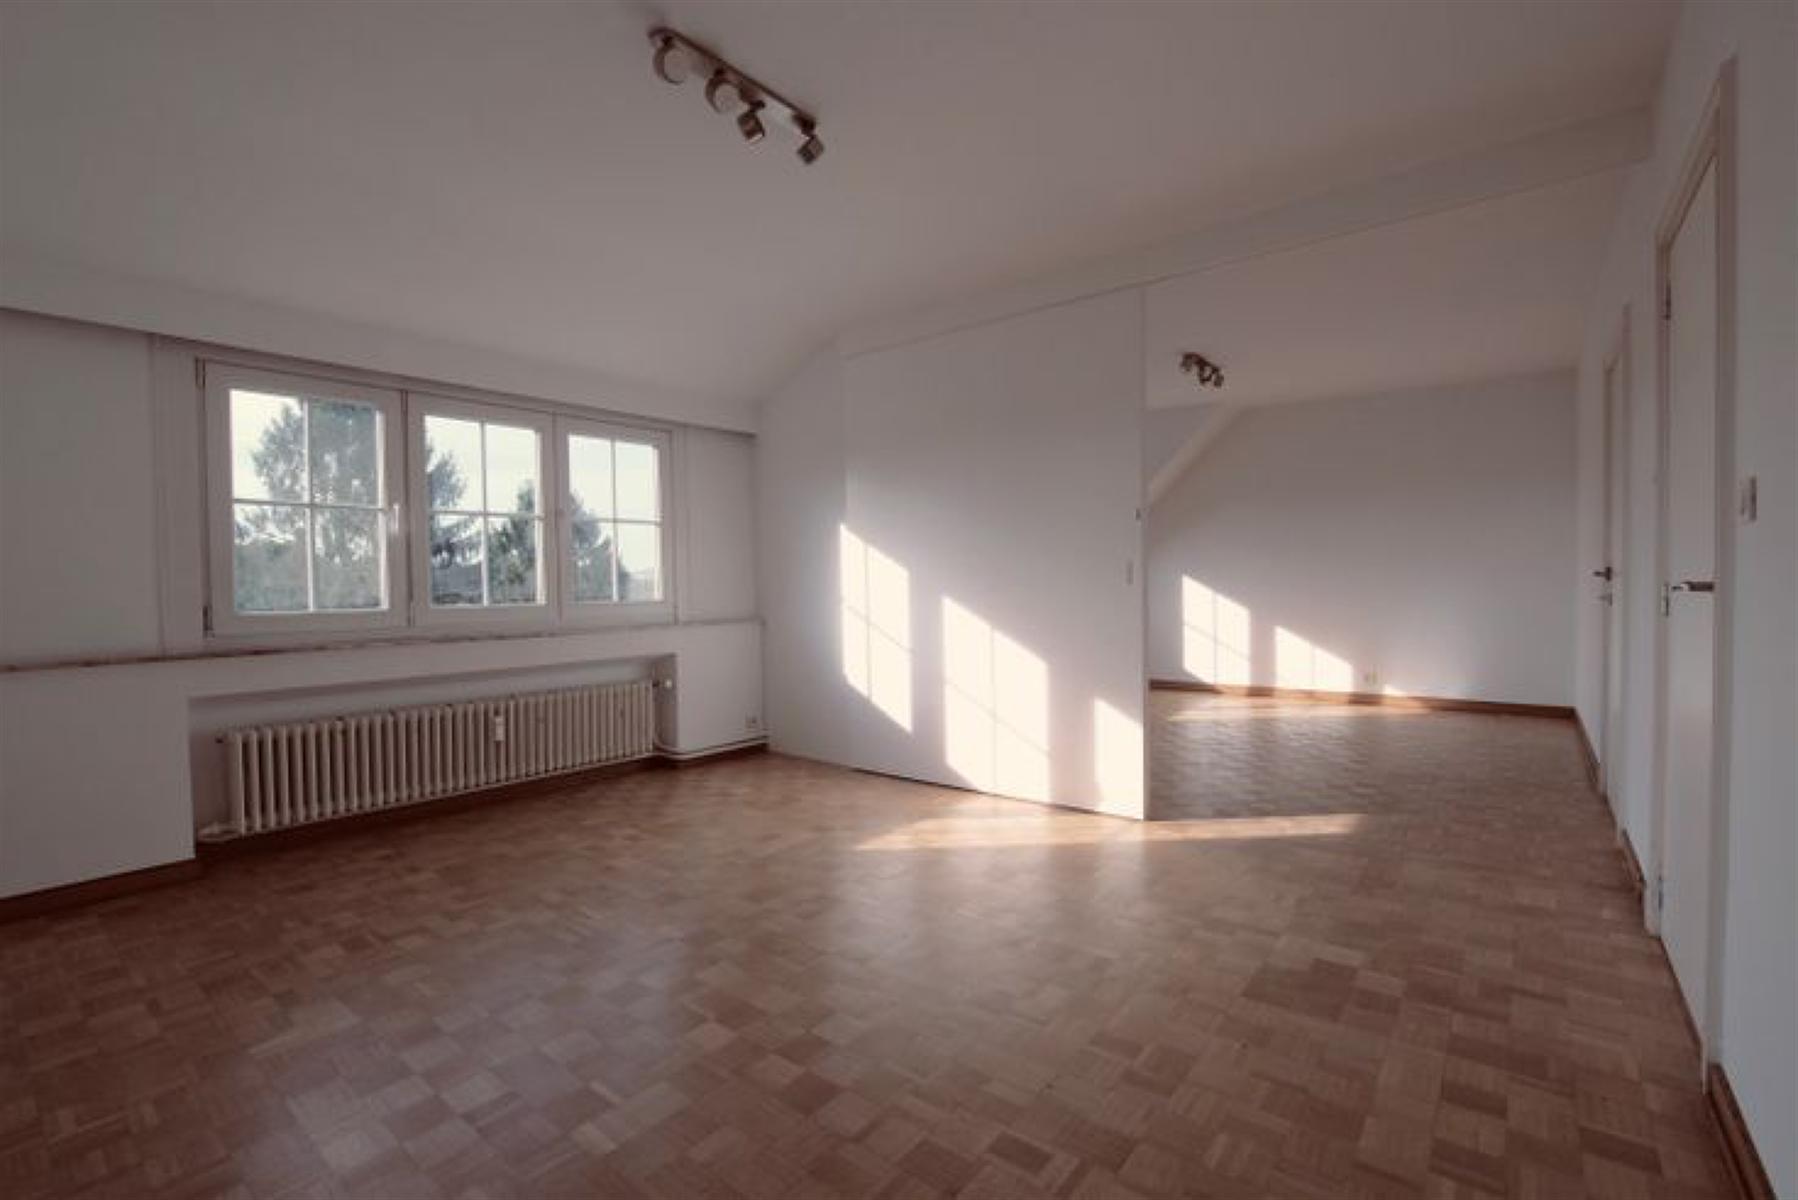 Appartement - Woluwe-Saint-Pierre - #4520815-0